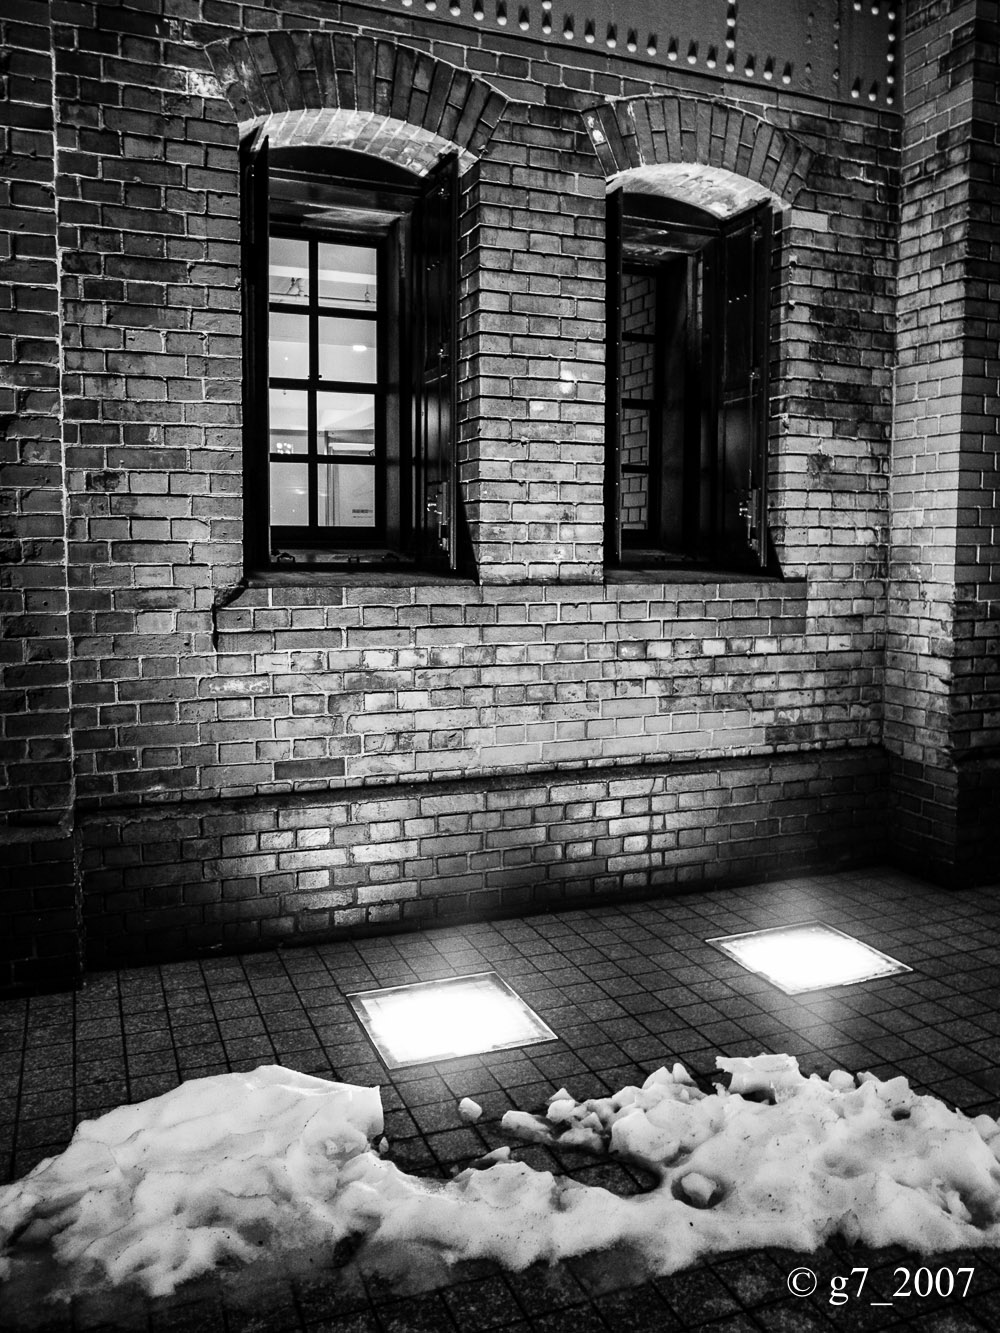 横浜 赤レンガ倉庫..._f0152550_1950771.jpg